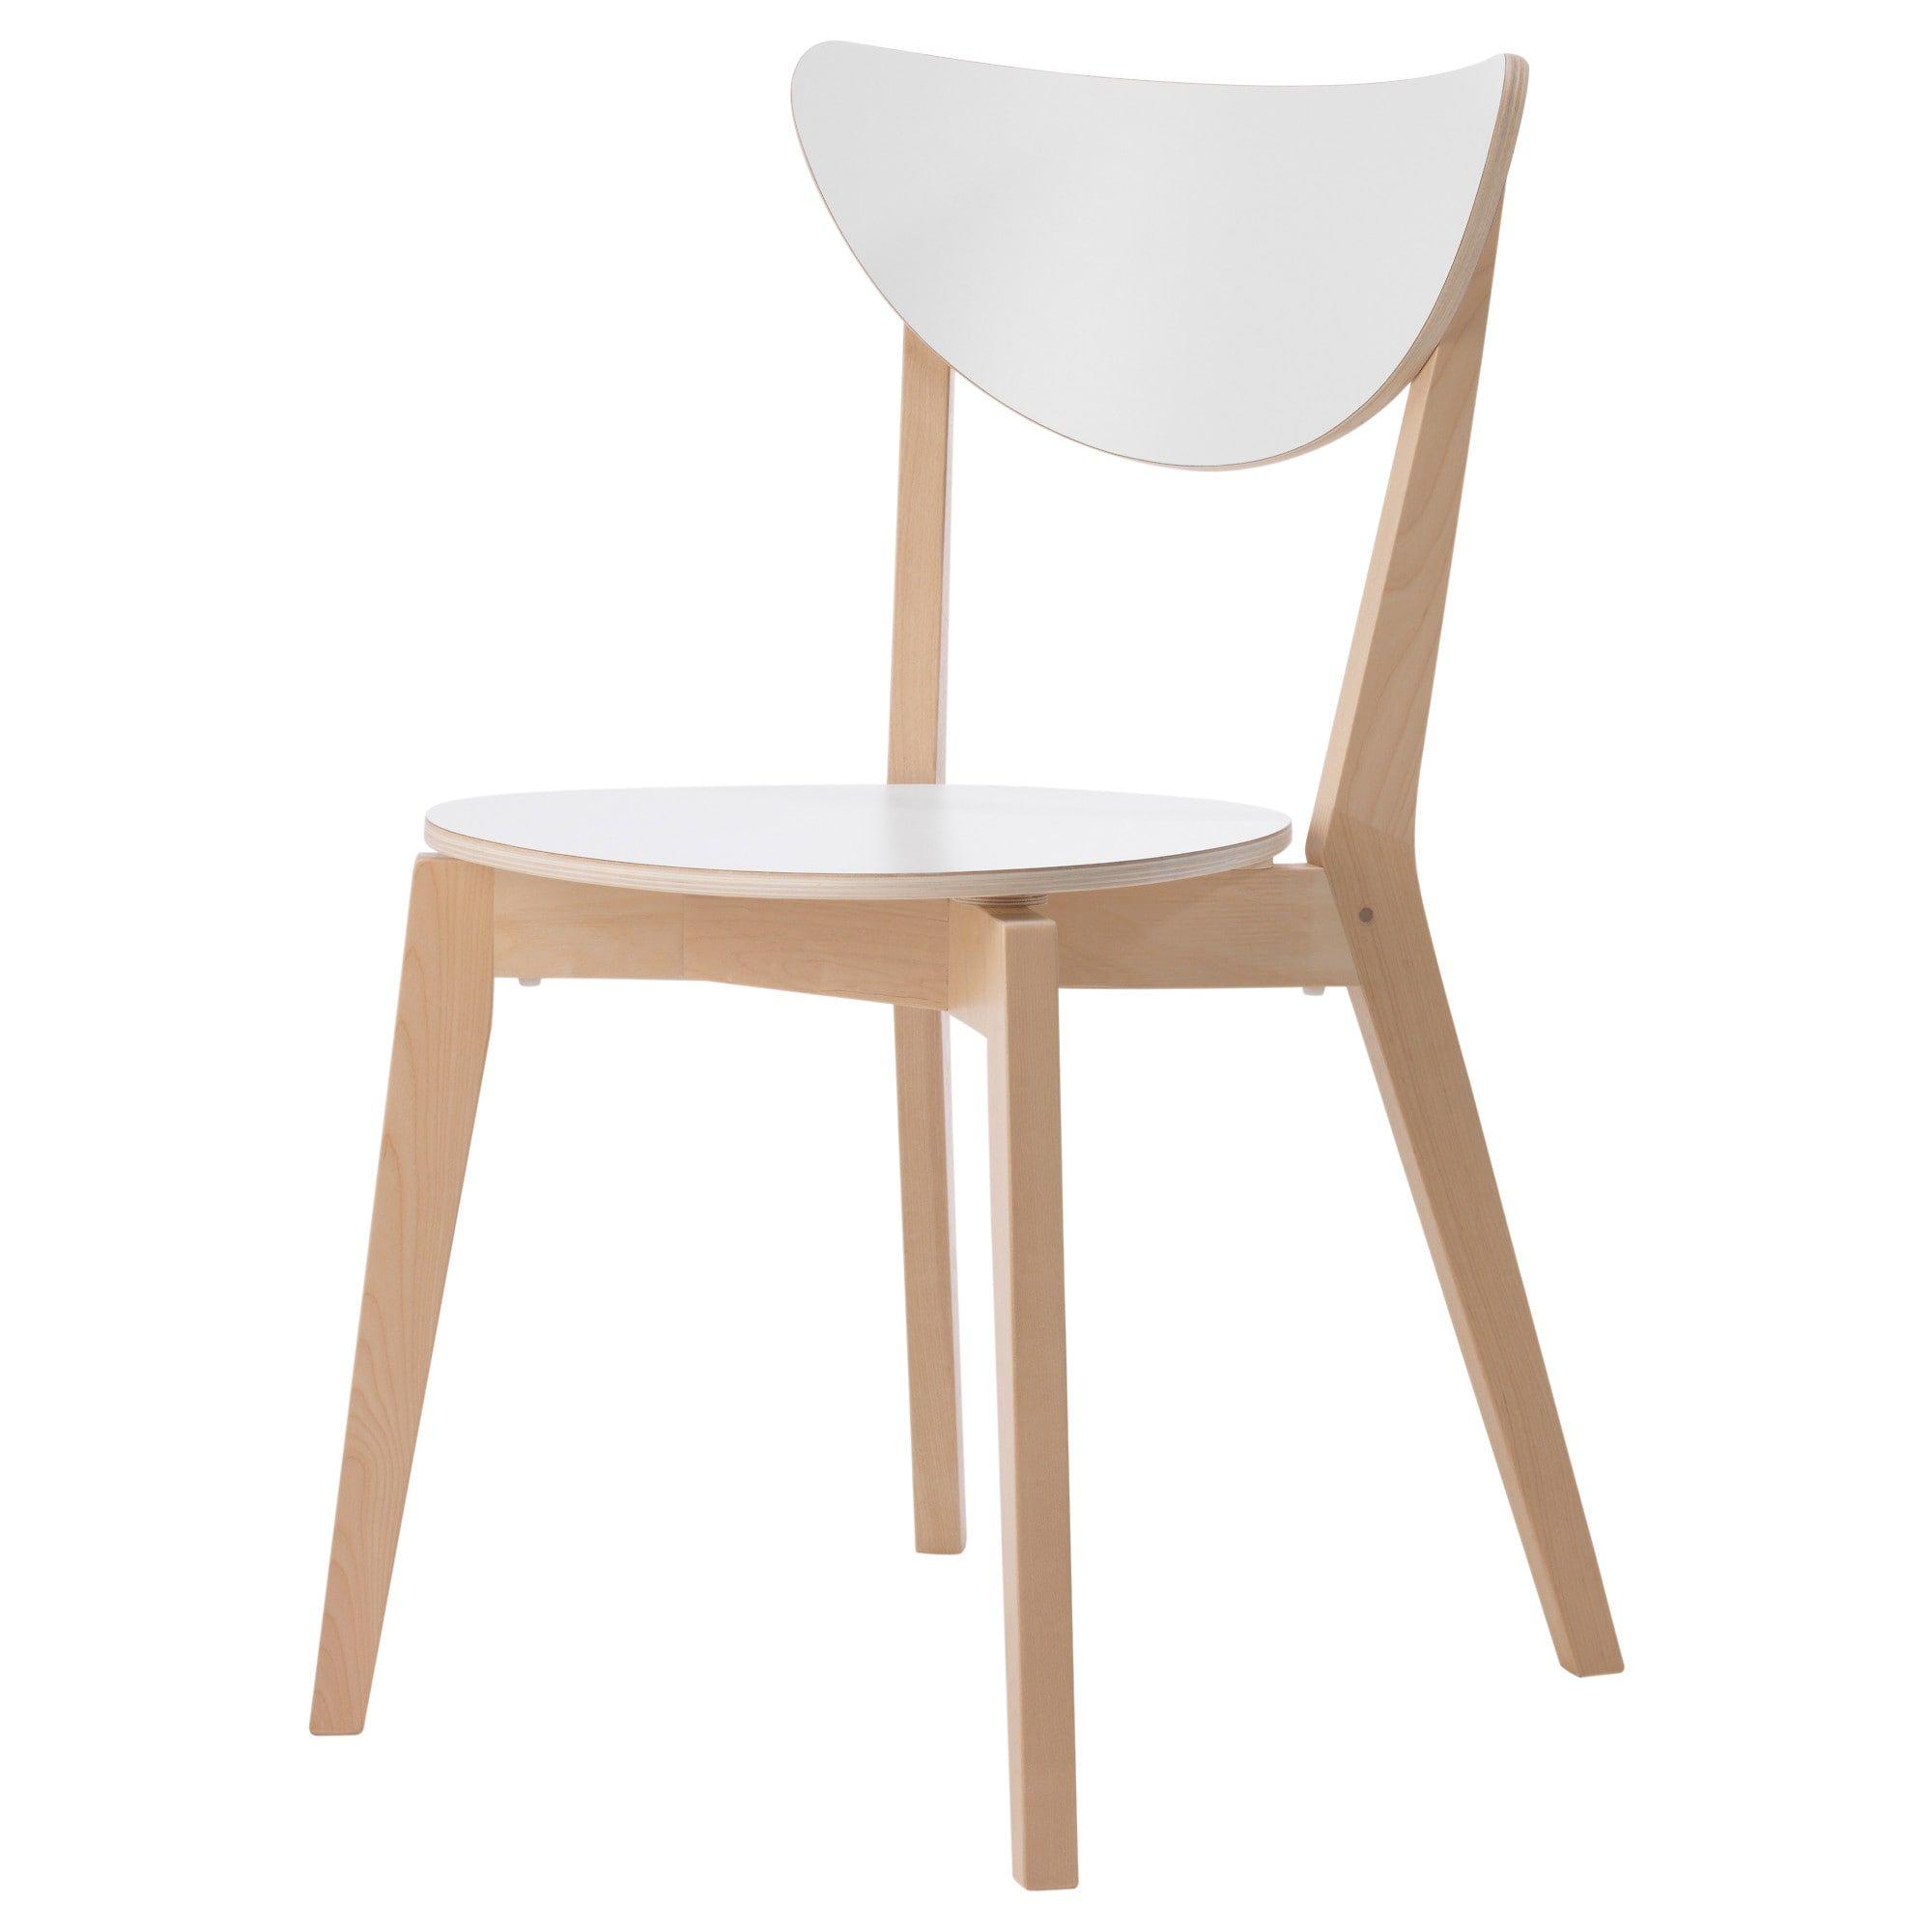 NORDMYRA | Sillas, Ikea sillas y Muebles ikea